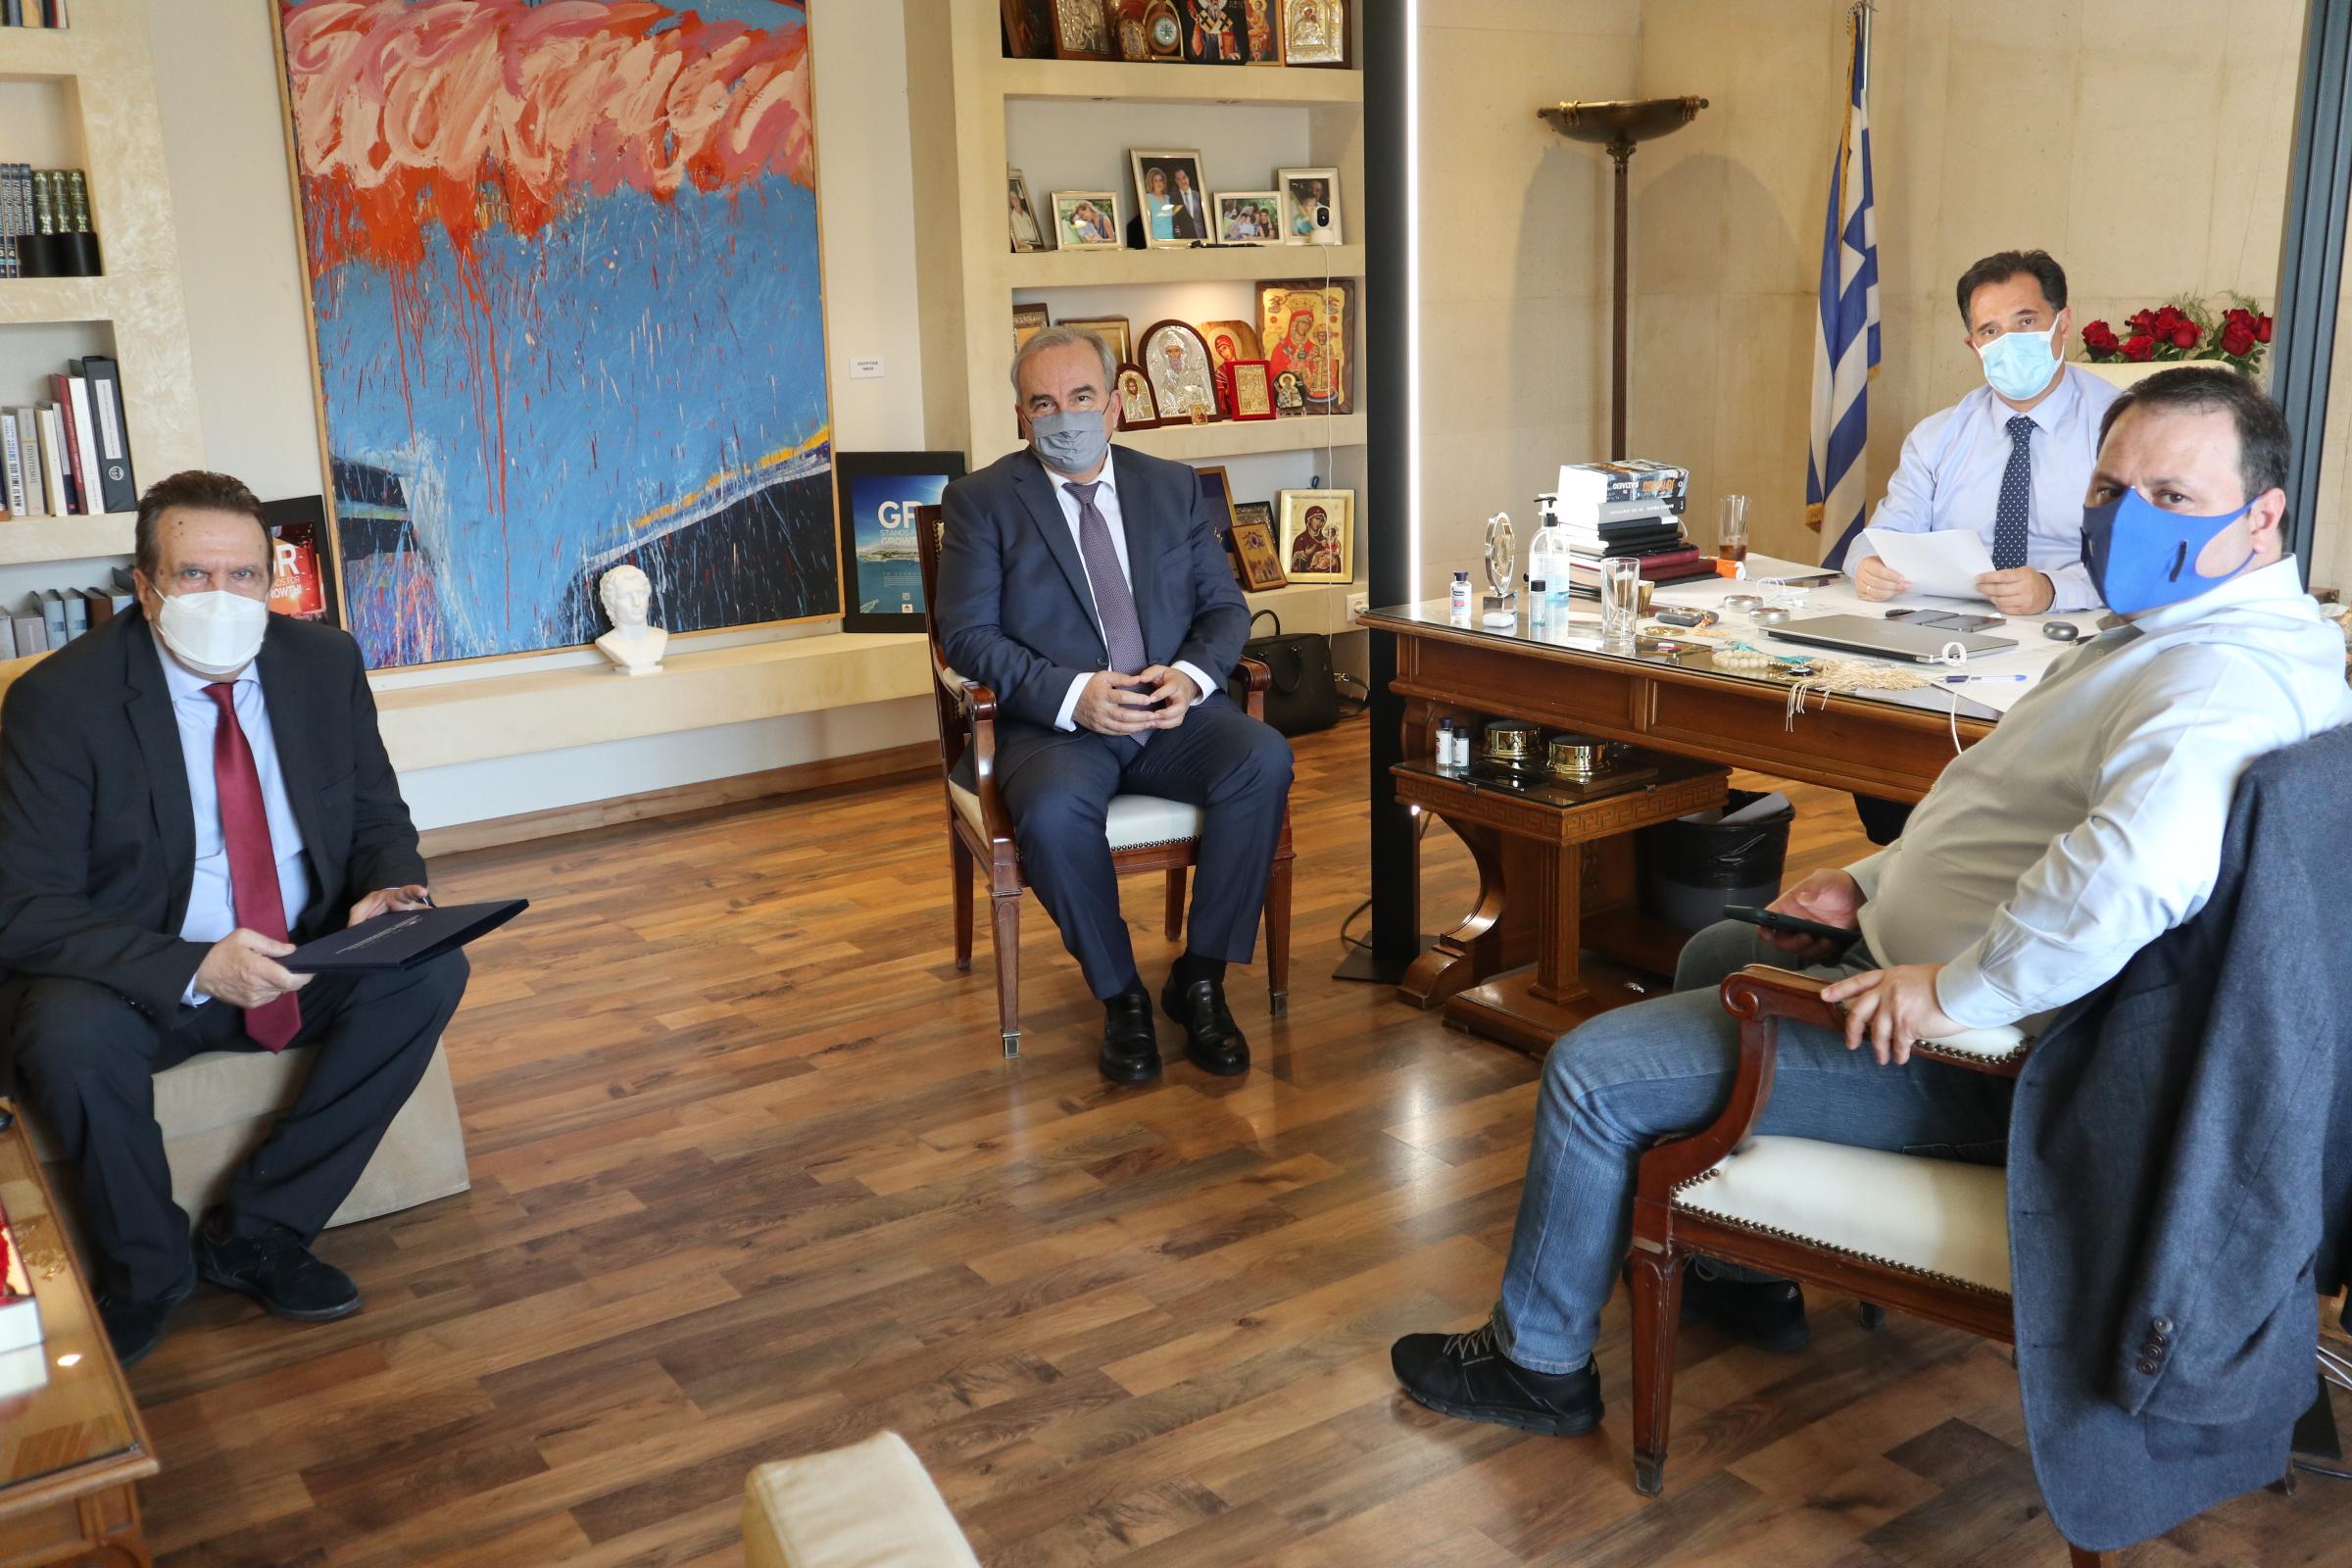 Συνάντηση με τον Πρόεδρο της ΕΣΕΕ κ. Γιώργο Καρανίκα